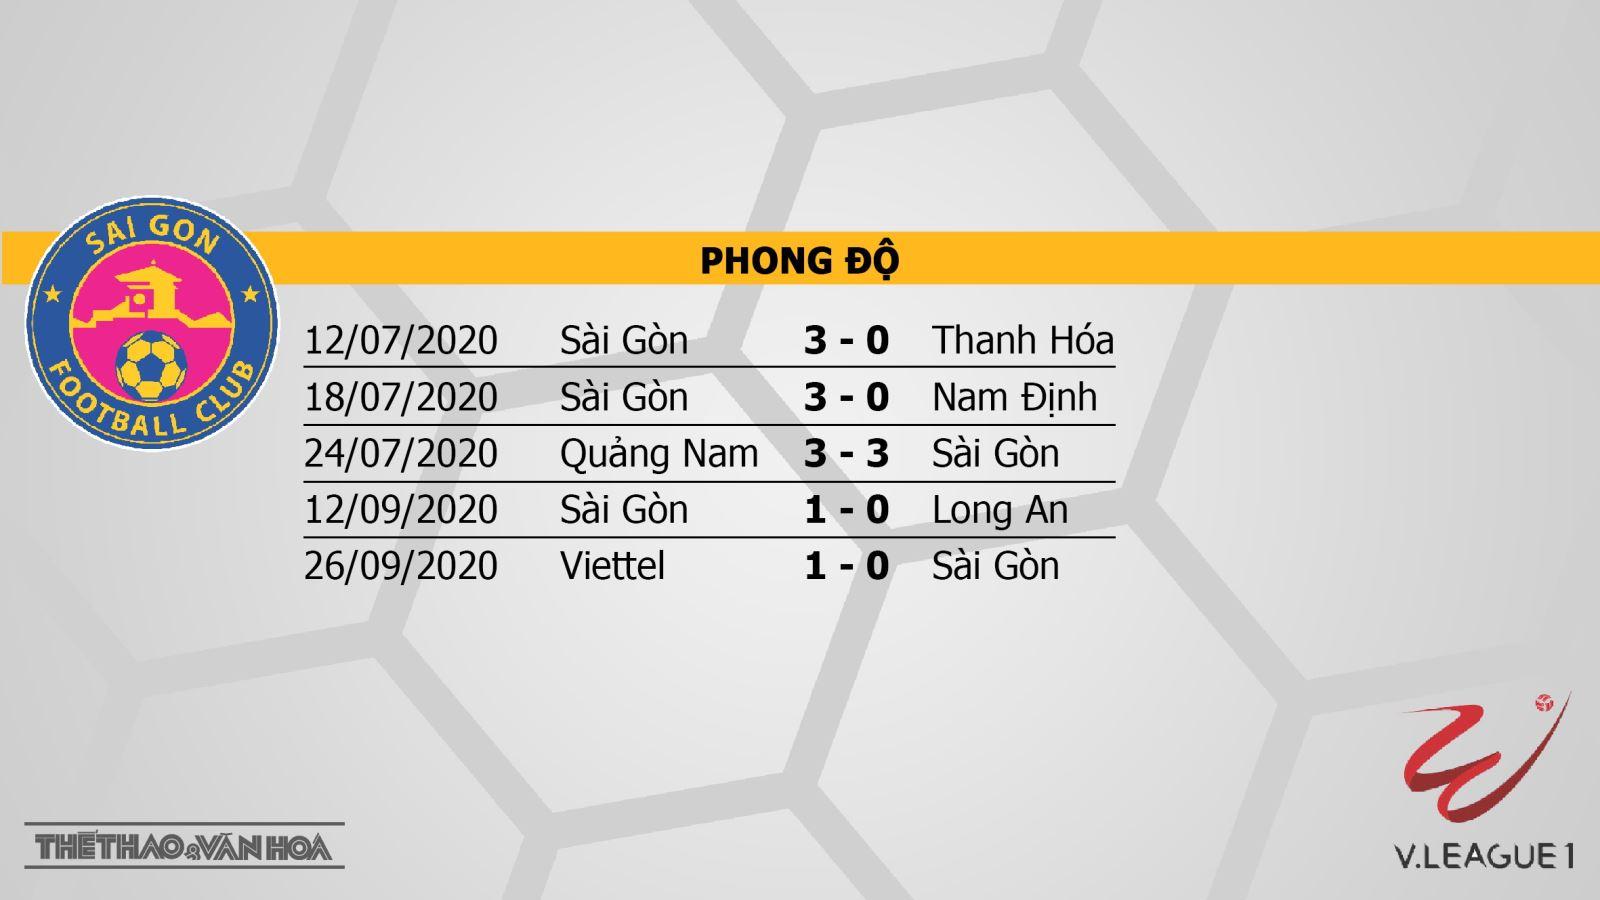 Sài Gòn vsThan Quảng Ninh, Sài Gòn, Than Quảng Ninh, trực tiếp bóng đá Sài Gòn vsThan Quảng Ninh, soi kèo bóng đá, kèo bóng đá, nhận định Sài Gòn vsThan Quảng Ninh